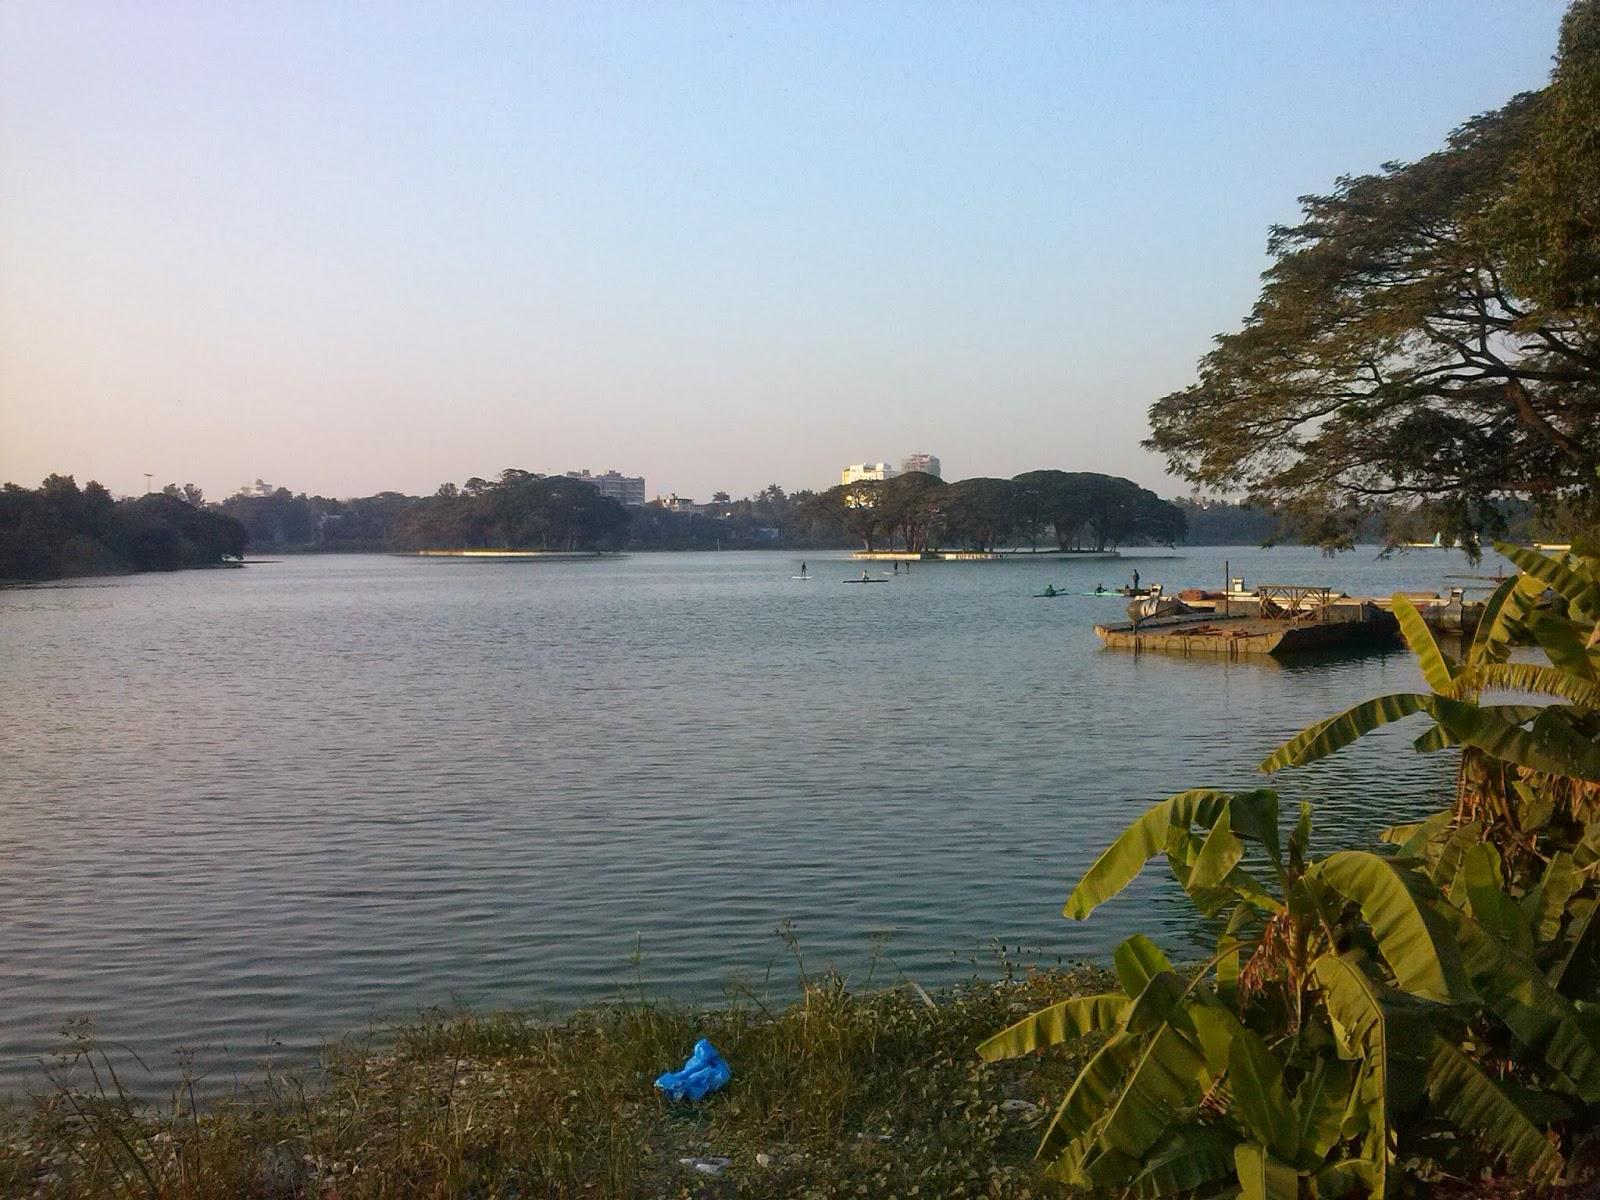 Ulsoor Gölü, Kensington yolu, Bangalor, Hindistan